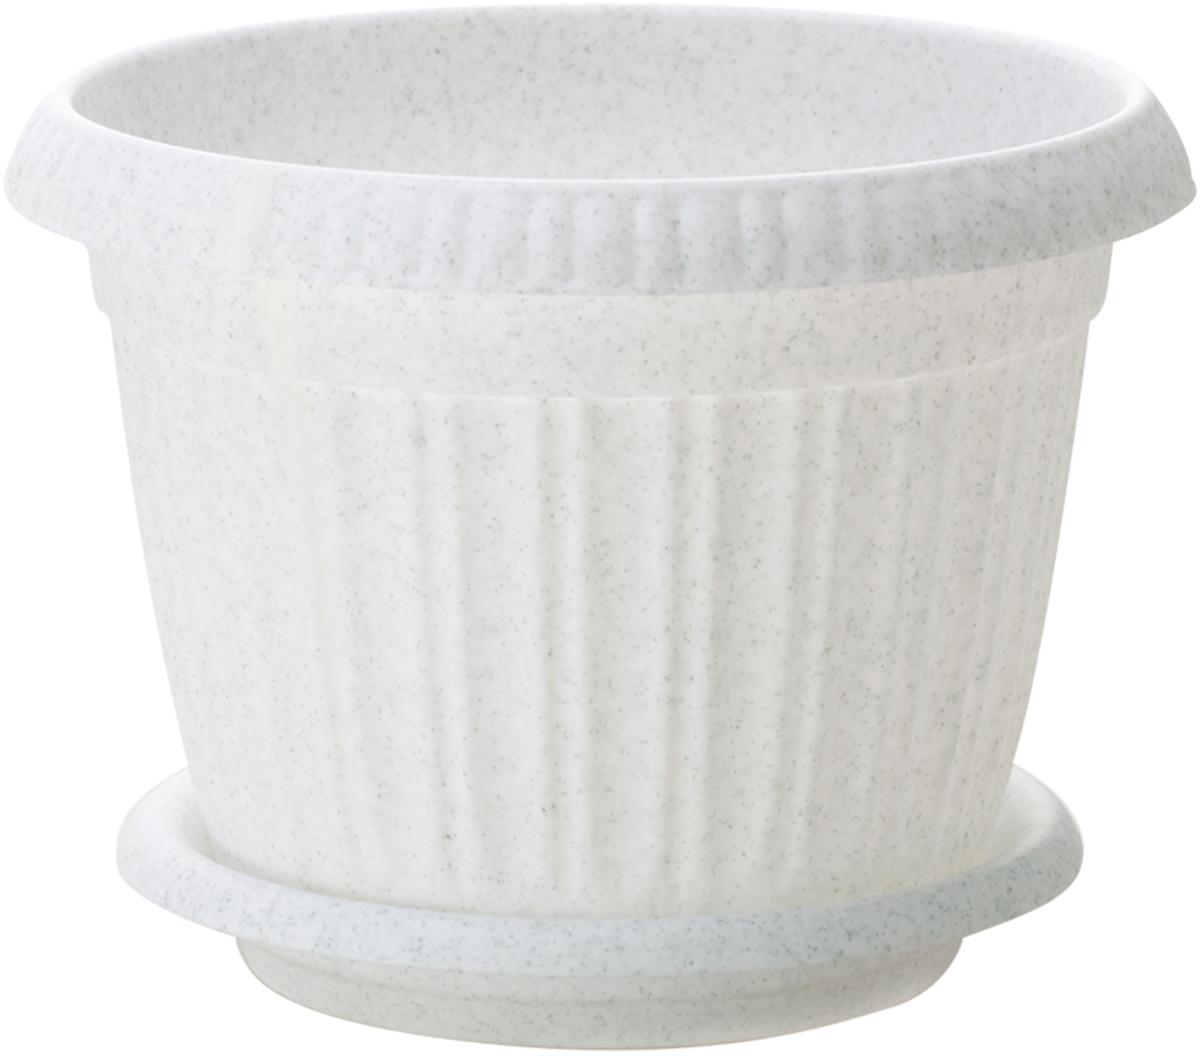 Горшок для цветов InGreen Таити, с подставкой, цвет: мраморный, диаметр 42 смZ-0307Горшок InGreen Таити выполнен из высококачественного пластика и предназначен для выращивания цветов, растений и трав. Снабжен подставкой для стока воды.Такой горшок порадует вас функциональностью, а благодаря лаконичному дизайну впишется в любой интерьер помещения.